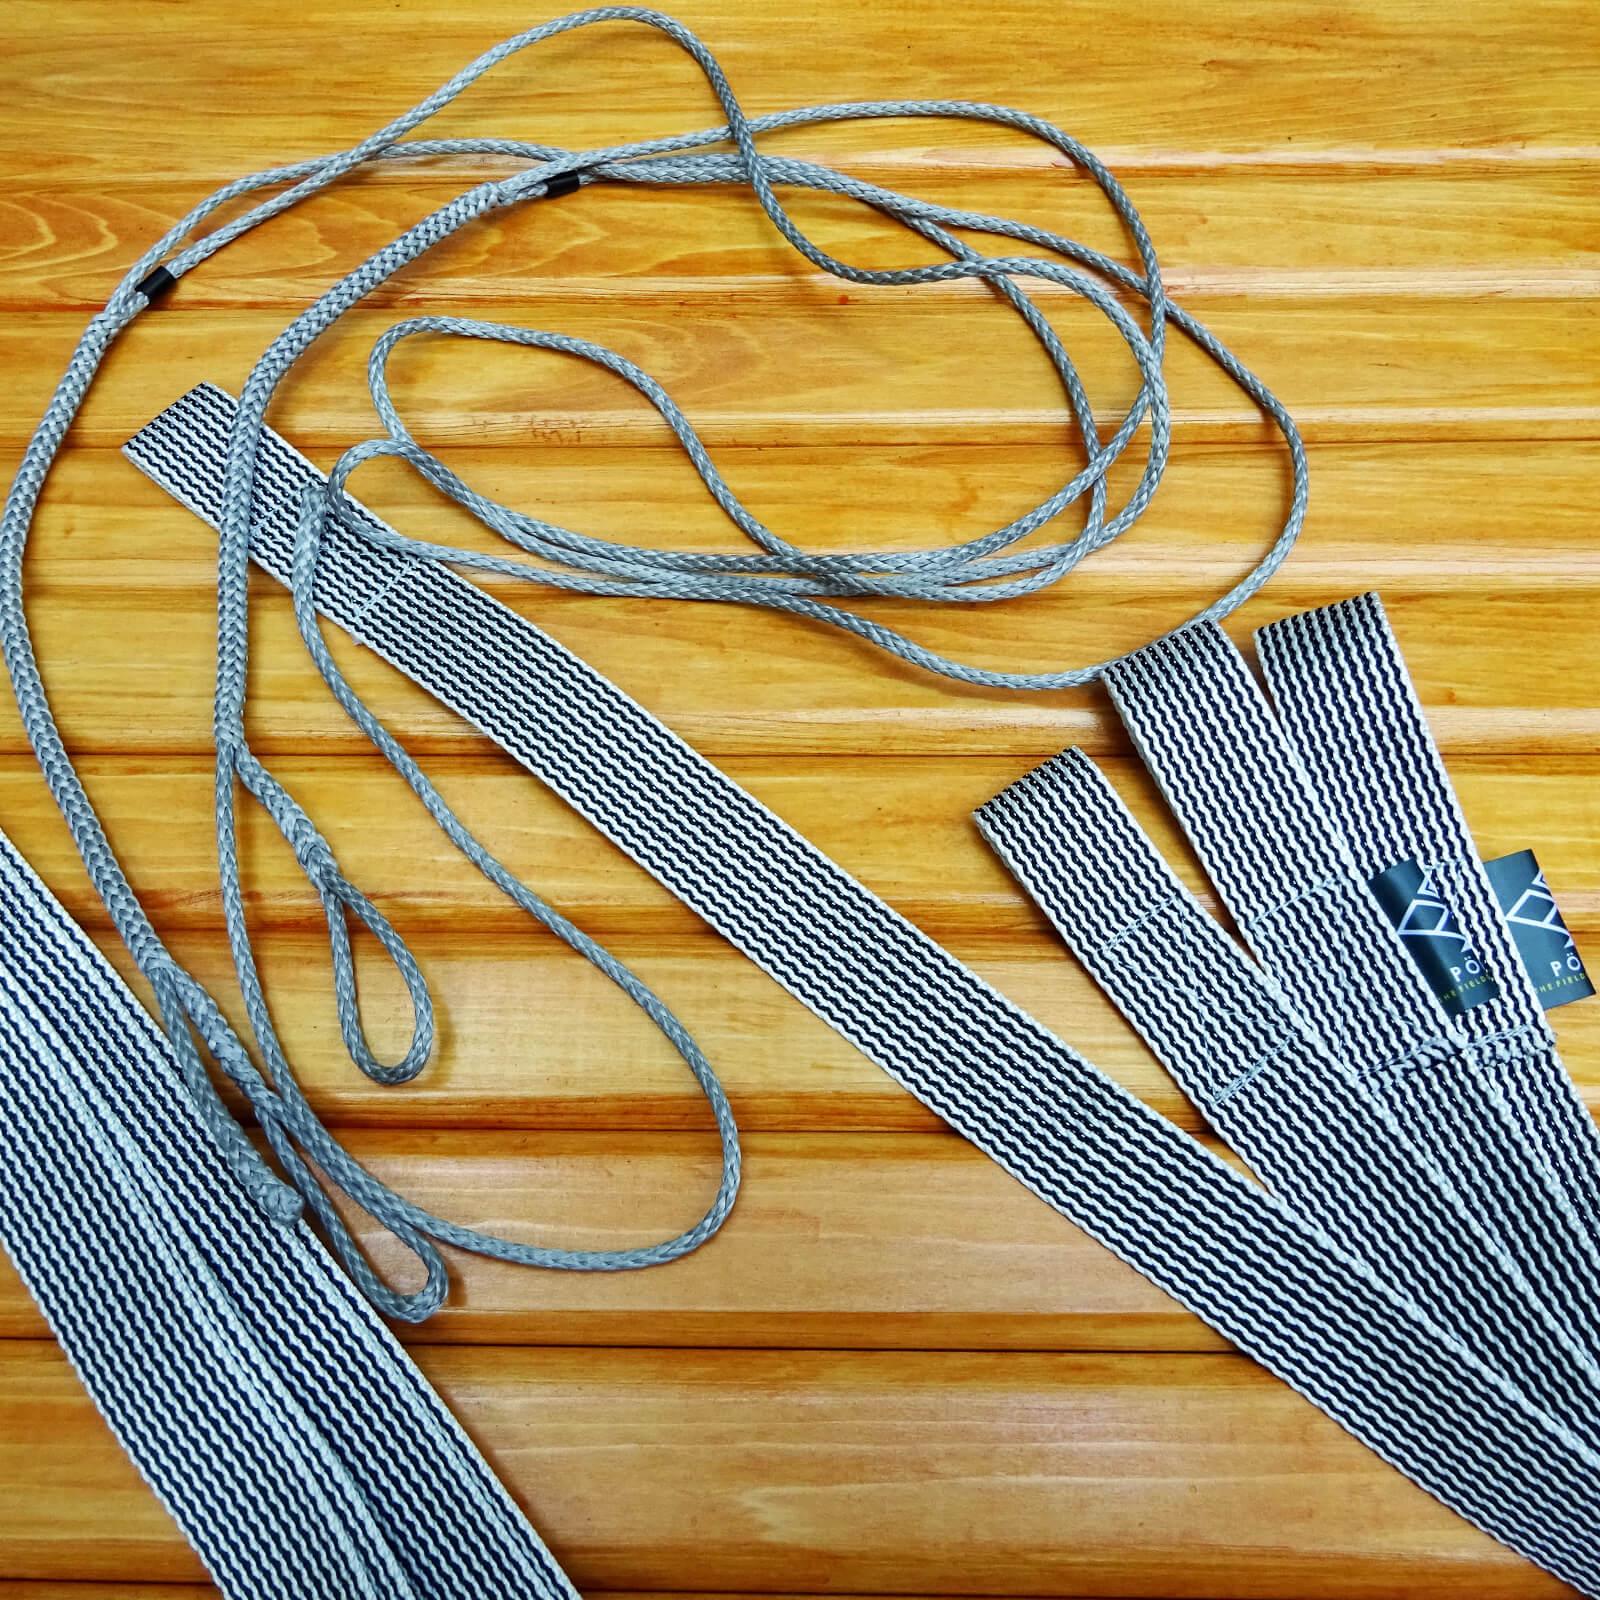 【送料無料】 TREE STRAPS for Hammocker [UHMWPE×PP] / ハンモック用 ツリーストラップ ダイニーマ×PP